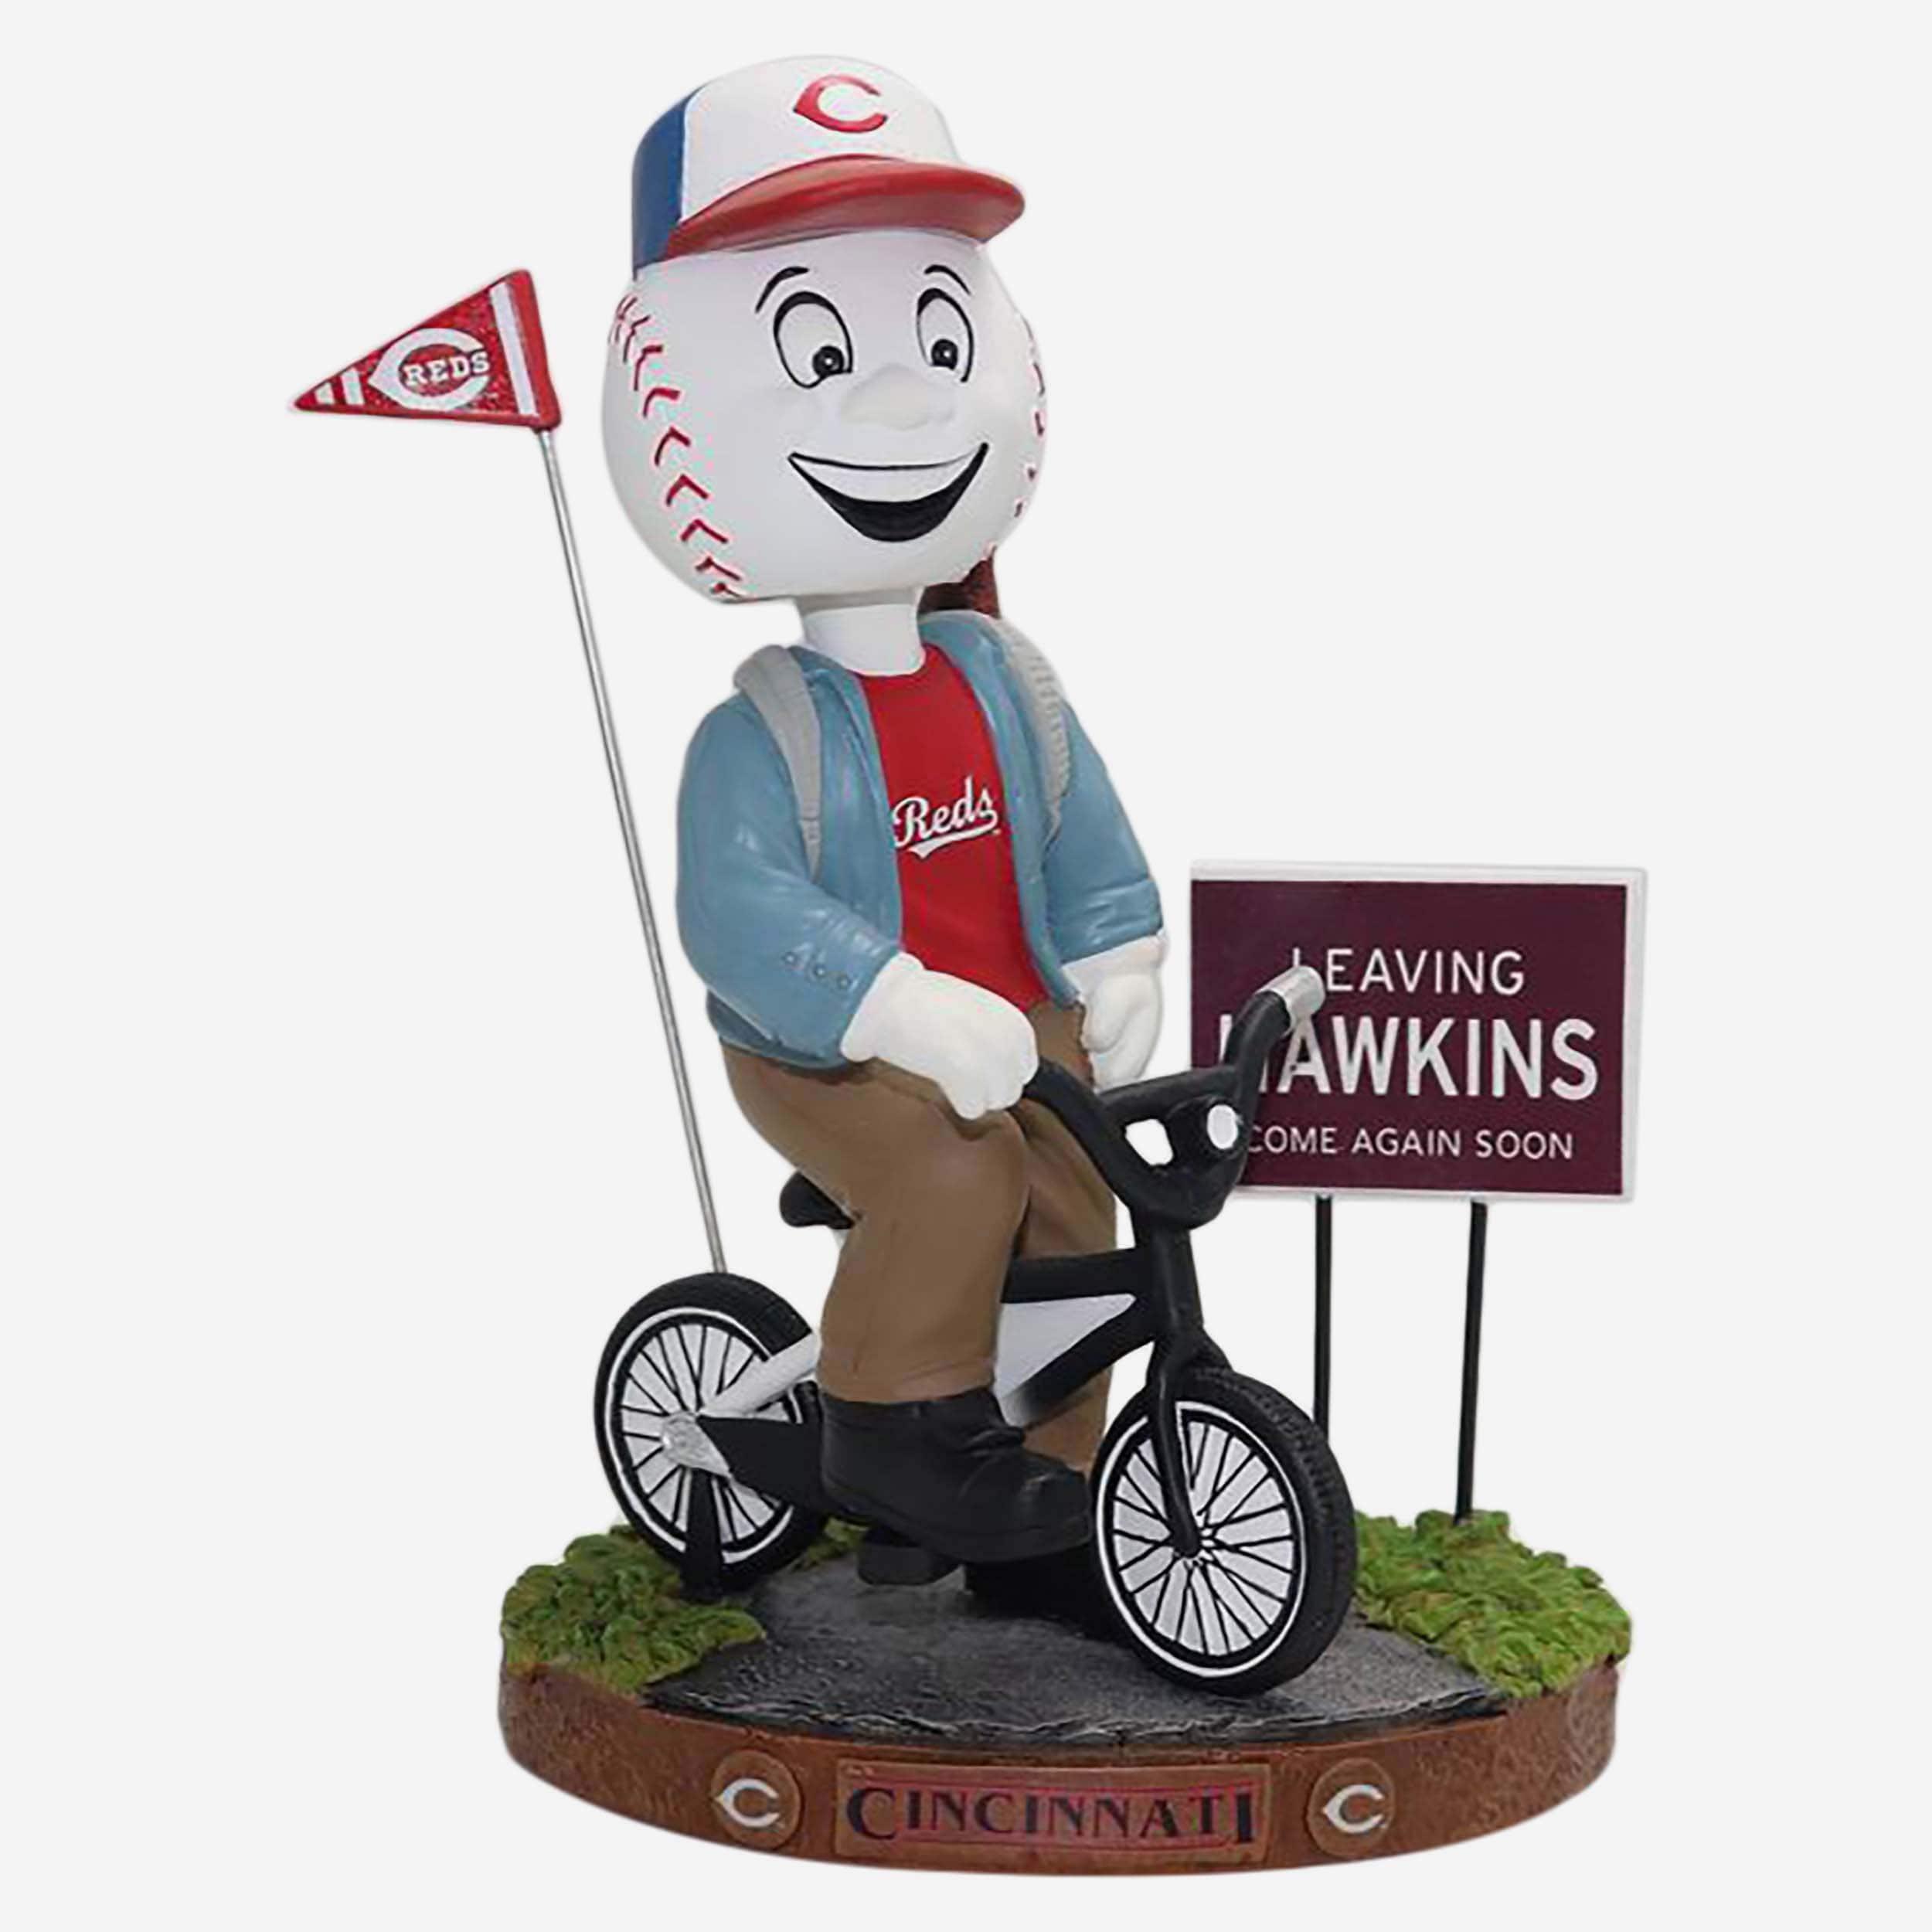 FOCO Mr Redlegs Cincinnati Reds Stranger Things Mascot On Bike Bobblehead